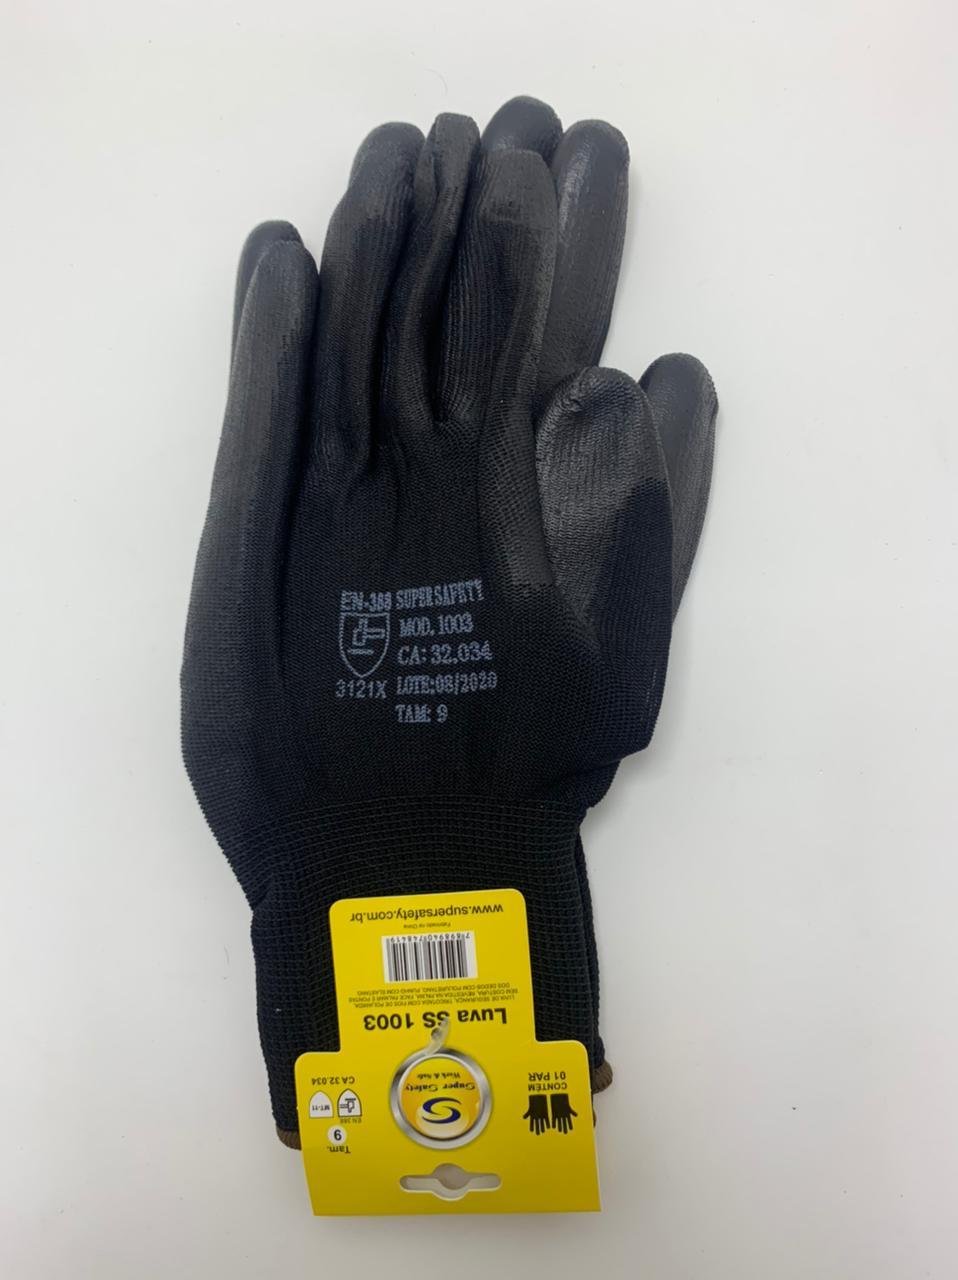 Kit 5 Pares Luva de segurança Super Safety ss1003 PU Preta Tam. 8(M).